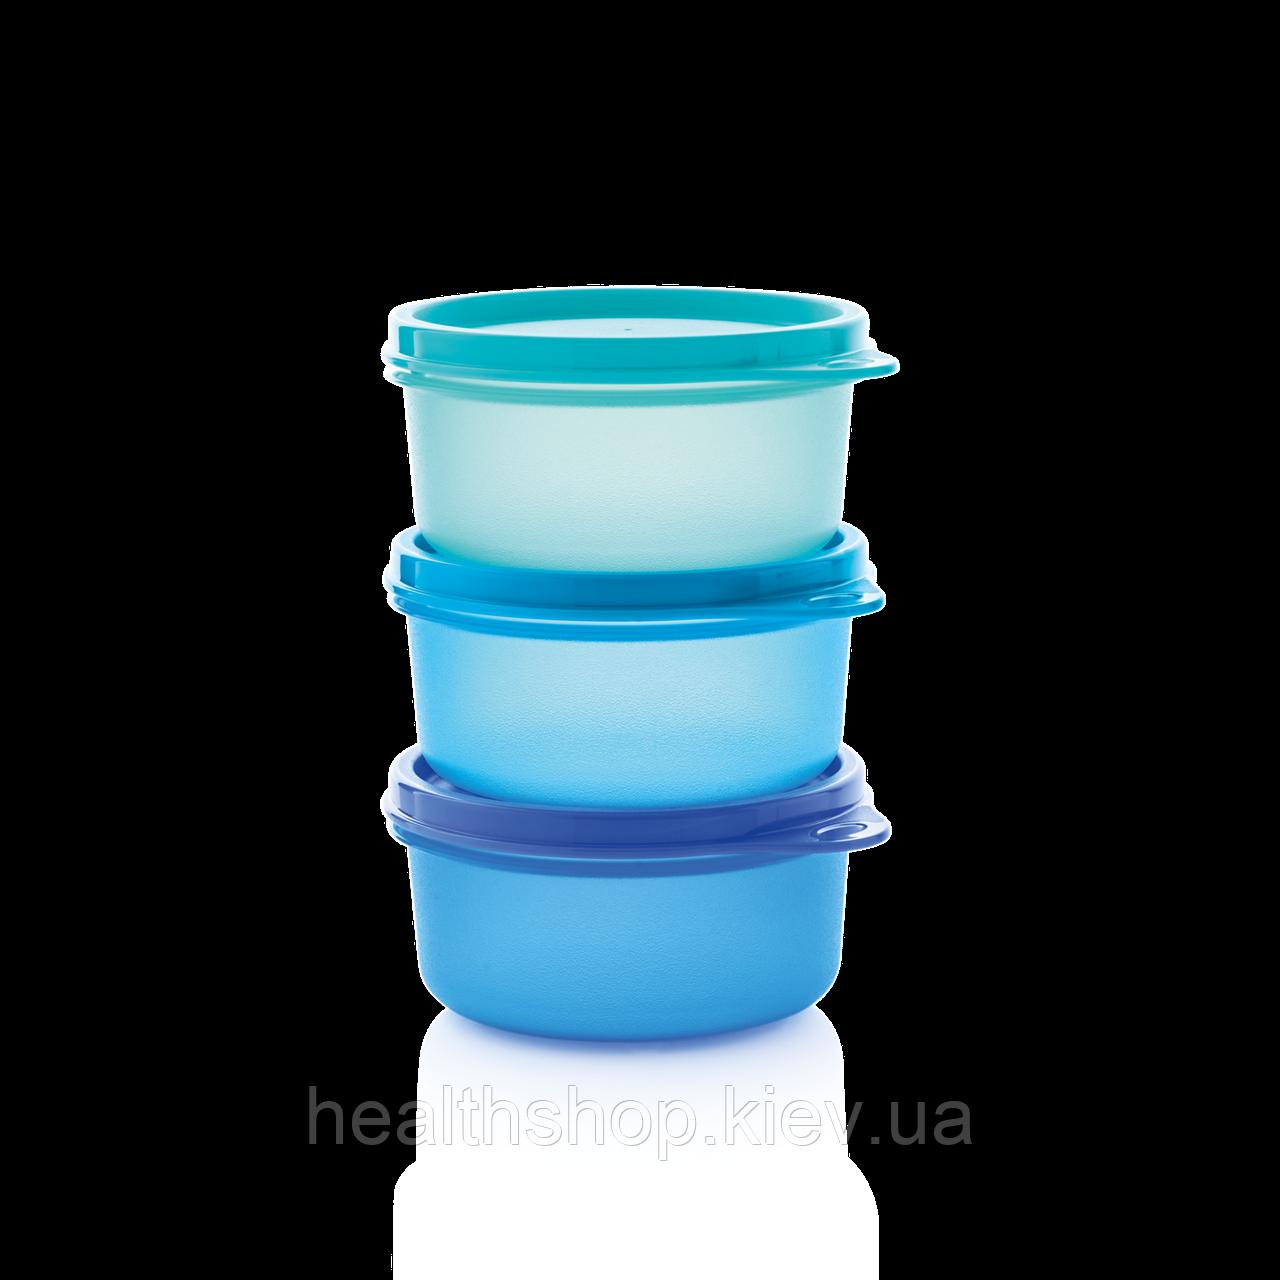 Сервірувальна чаша 200 мл 3 шт Tupperware